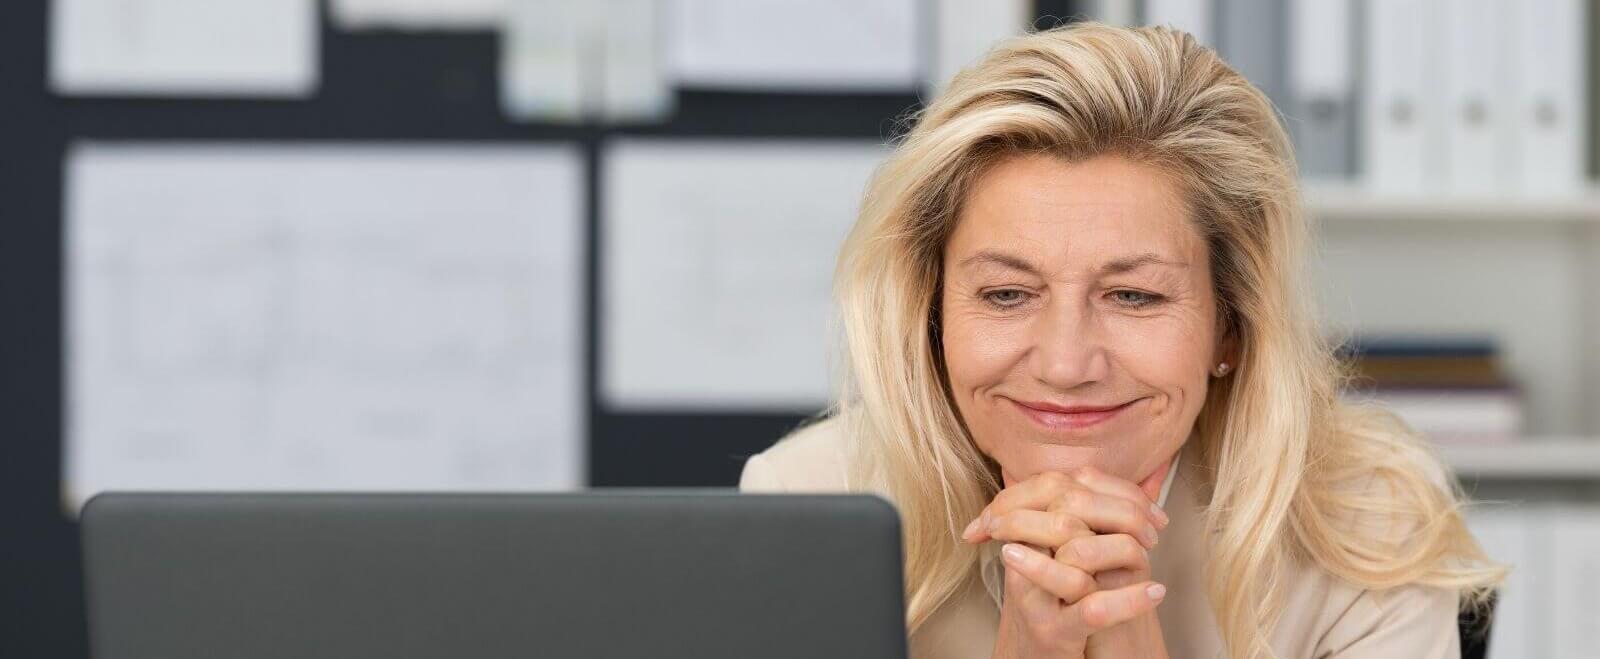 Erfolgsfaktor Spezialisierung: Haben Sie Ihre Nische schon gefunden?